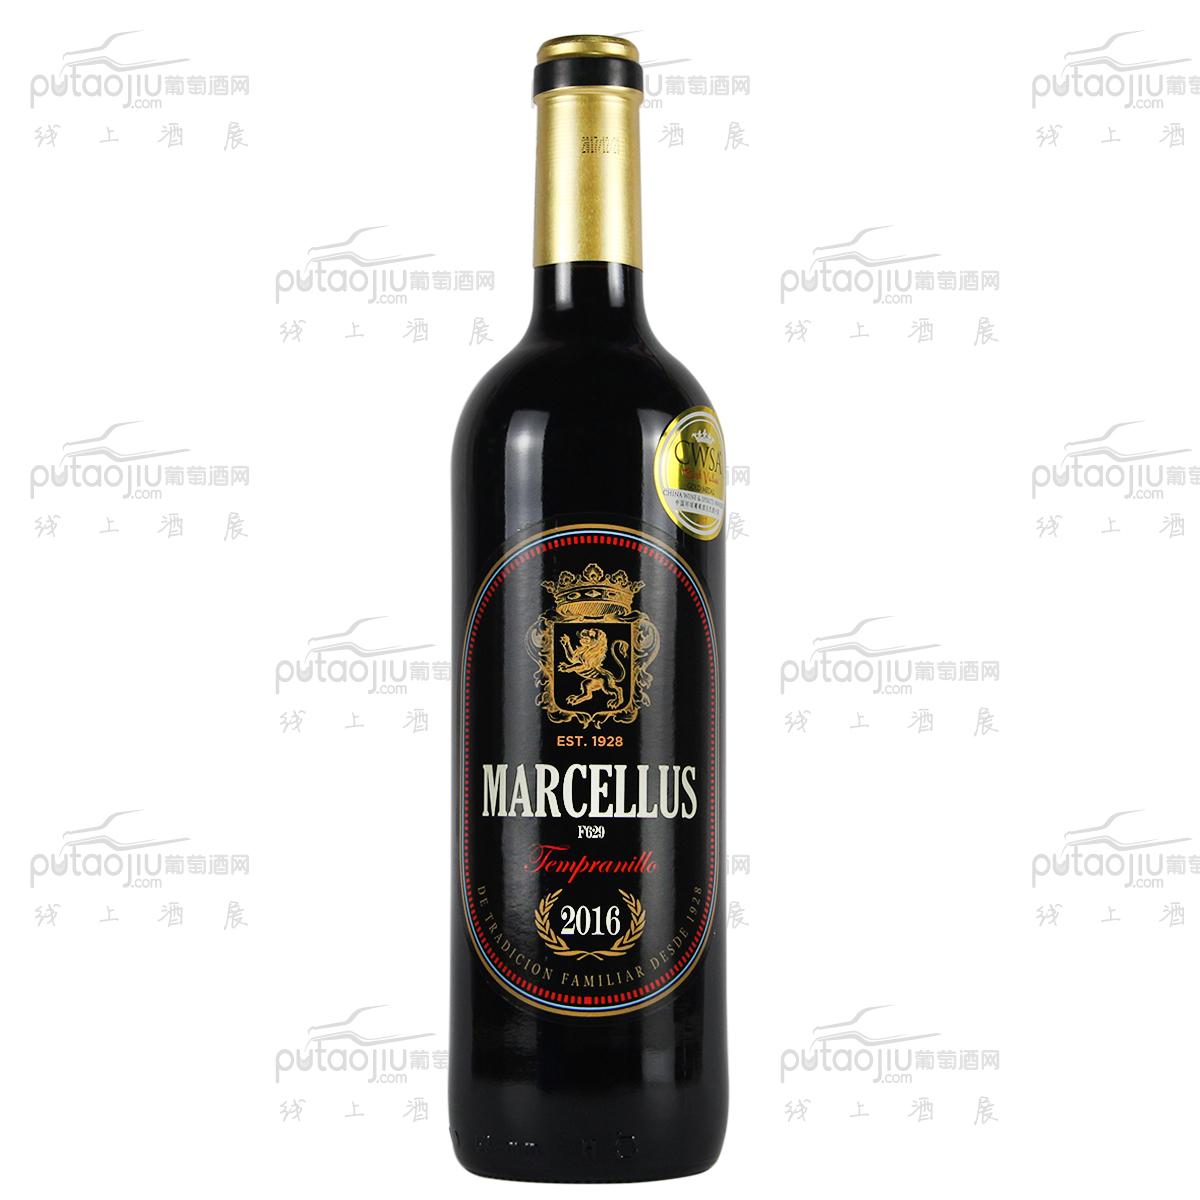 西班牙拉曼恰维拉玛利亚酒庄添普兰尼洛马塞勒斯F629红葡萄酒